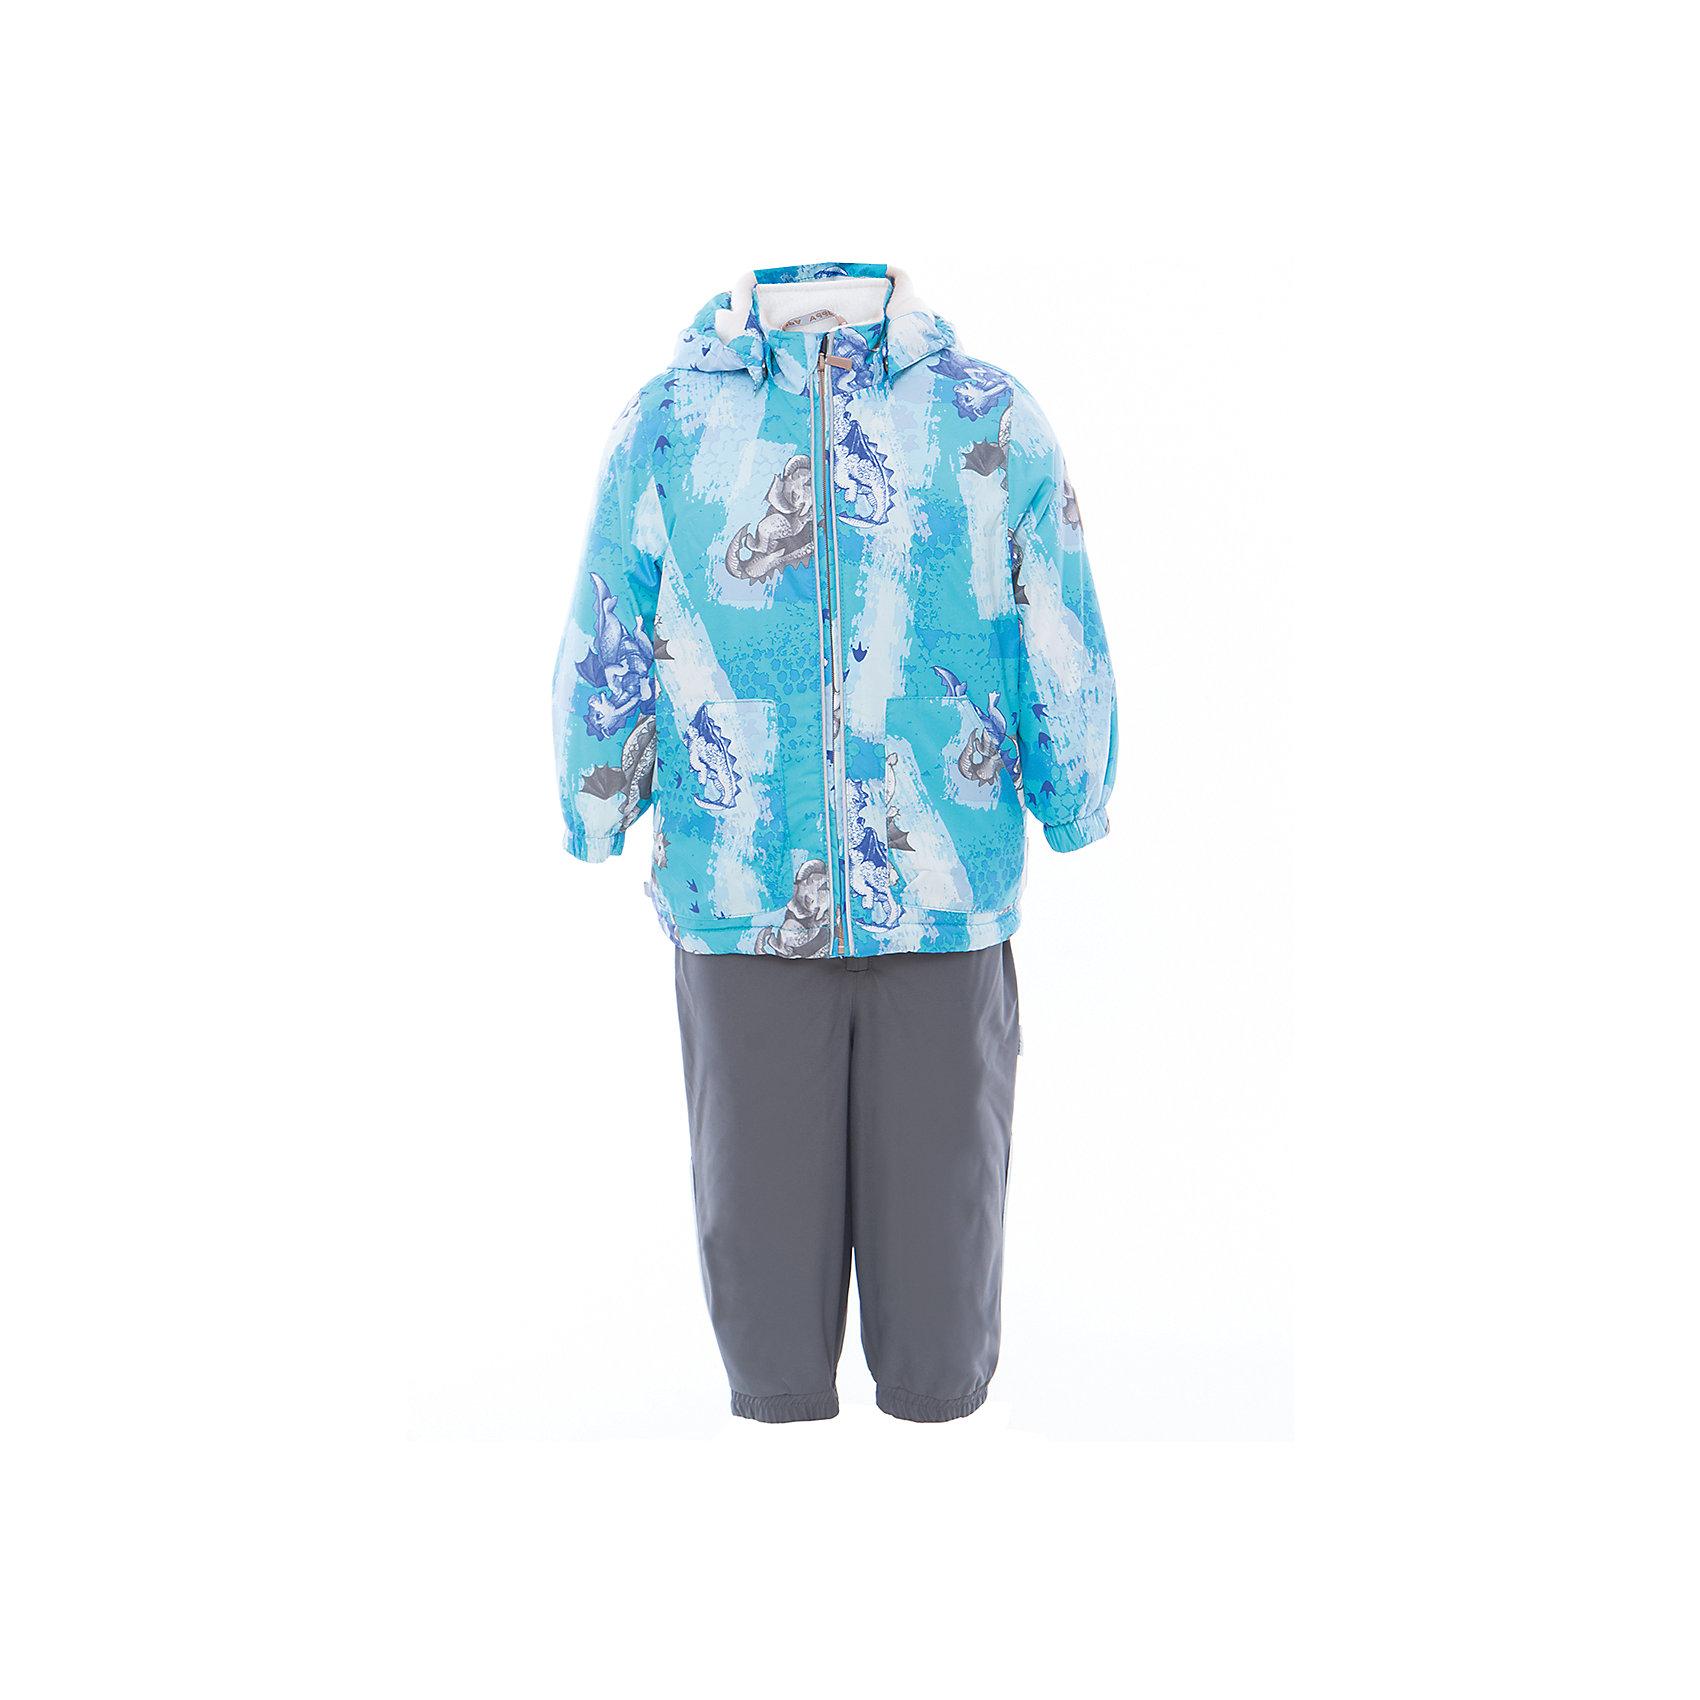 Комплект: куртка и полукомбинезон для мальчика CARLO HuppaВерхняя одежда<br>Характеристики товара:<br><br>• цвет: светло-голубой принт/серый<br>• комплектация: куртка и полукомбинезон <br>• ткань: 100% полиэстер<br>• подкладка: тафта - 100% полиэстер<br>• утеплитель: 100% полиэстер; куртка 100 г, полукомбинезон 40 г<br>• температурный режим: от -5°С до +10°С<br>• водонепроницаемость: верх - 5000 мм, низ - 10000 мм<br>• воздухопроницаемость: верх - 5000 мм, низ - 10000 мм<br>• светоотражающие детали<br>• шов сидения проклеен<br>• съёмный капюшон с резинкой<br>• эластичные манжеты на рукавах<br>• манжеты брюк с резинкой<br>• съёмные эластичные штрипки<br>• без внутренних швов<br>• резиновые подтяжки<br>• коллекция: весна-лето 2017<br>• страна бренда: Эстония<br><br>Такой модный демисезонный комплект  обеспечит детям тепло и комфорт. Он сделан из материала, отталкивающего воду, и дополнен подкладкой с утеплителем, поэтому изделие идеально подходит для межсезонья. Материал изделий - с мембранной технологией: защищая от влаги и ветра, он легко выводит лишнюю влагу наружу. Комплект очень симпатично смотрится. <br><br>Одежда и обувь от популярного эстонского бренда Huppa - отличный вариант одеть ребенка можно и комфортно. Вещи, выпускаемые компанией, качественные, продуманные и очень удобные. Для производства изделий используются только безопасные для детей материалы. Продукция от Huppa порадует и детей, и их родителей!<br><br>Комплект: куртка и полукомбинезон для мальчика CARLO от бренда Huppa (Хуппа) можно купить в нашем интернет-магазине.<br><br>Ширина мм: 356<br>Глубина мм: 10<br>Высота мм: 245<br>Вес г: 519<br>Цвет: синий<br>Возраст от месяцев: 48<br>Возраст до месяцев: 60<br>Пол: Мужской<br>Возраст: Детский<br>Размер: 110,104,98,92,86,80<br>SKU: 5346690